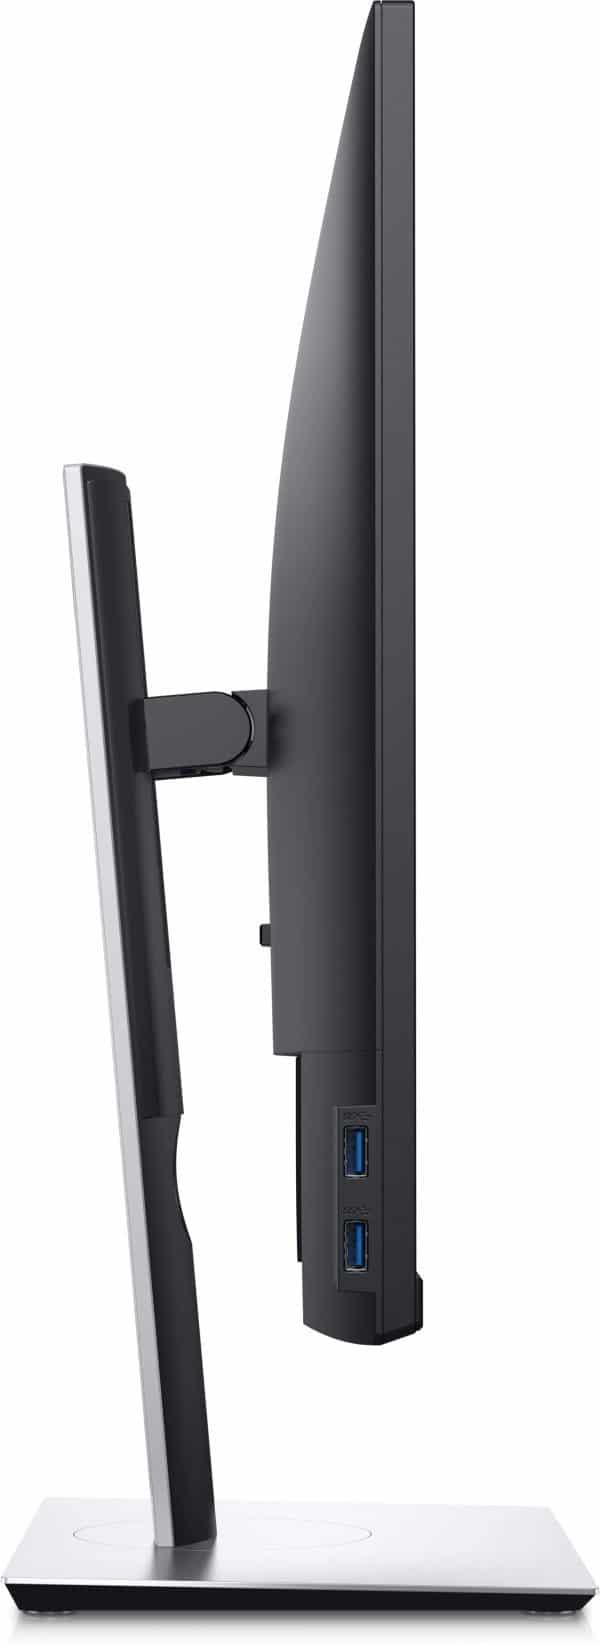 monitor-gire.incline-y-ajuste-la-altura-de-su-monitor-P2419H